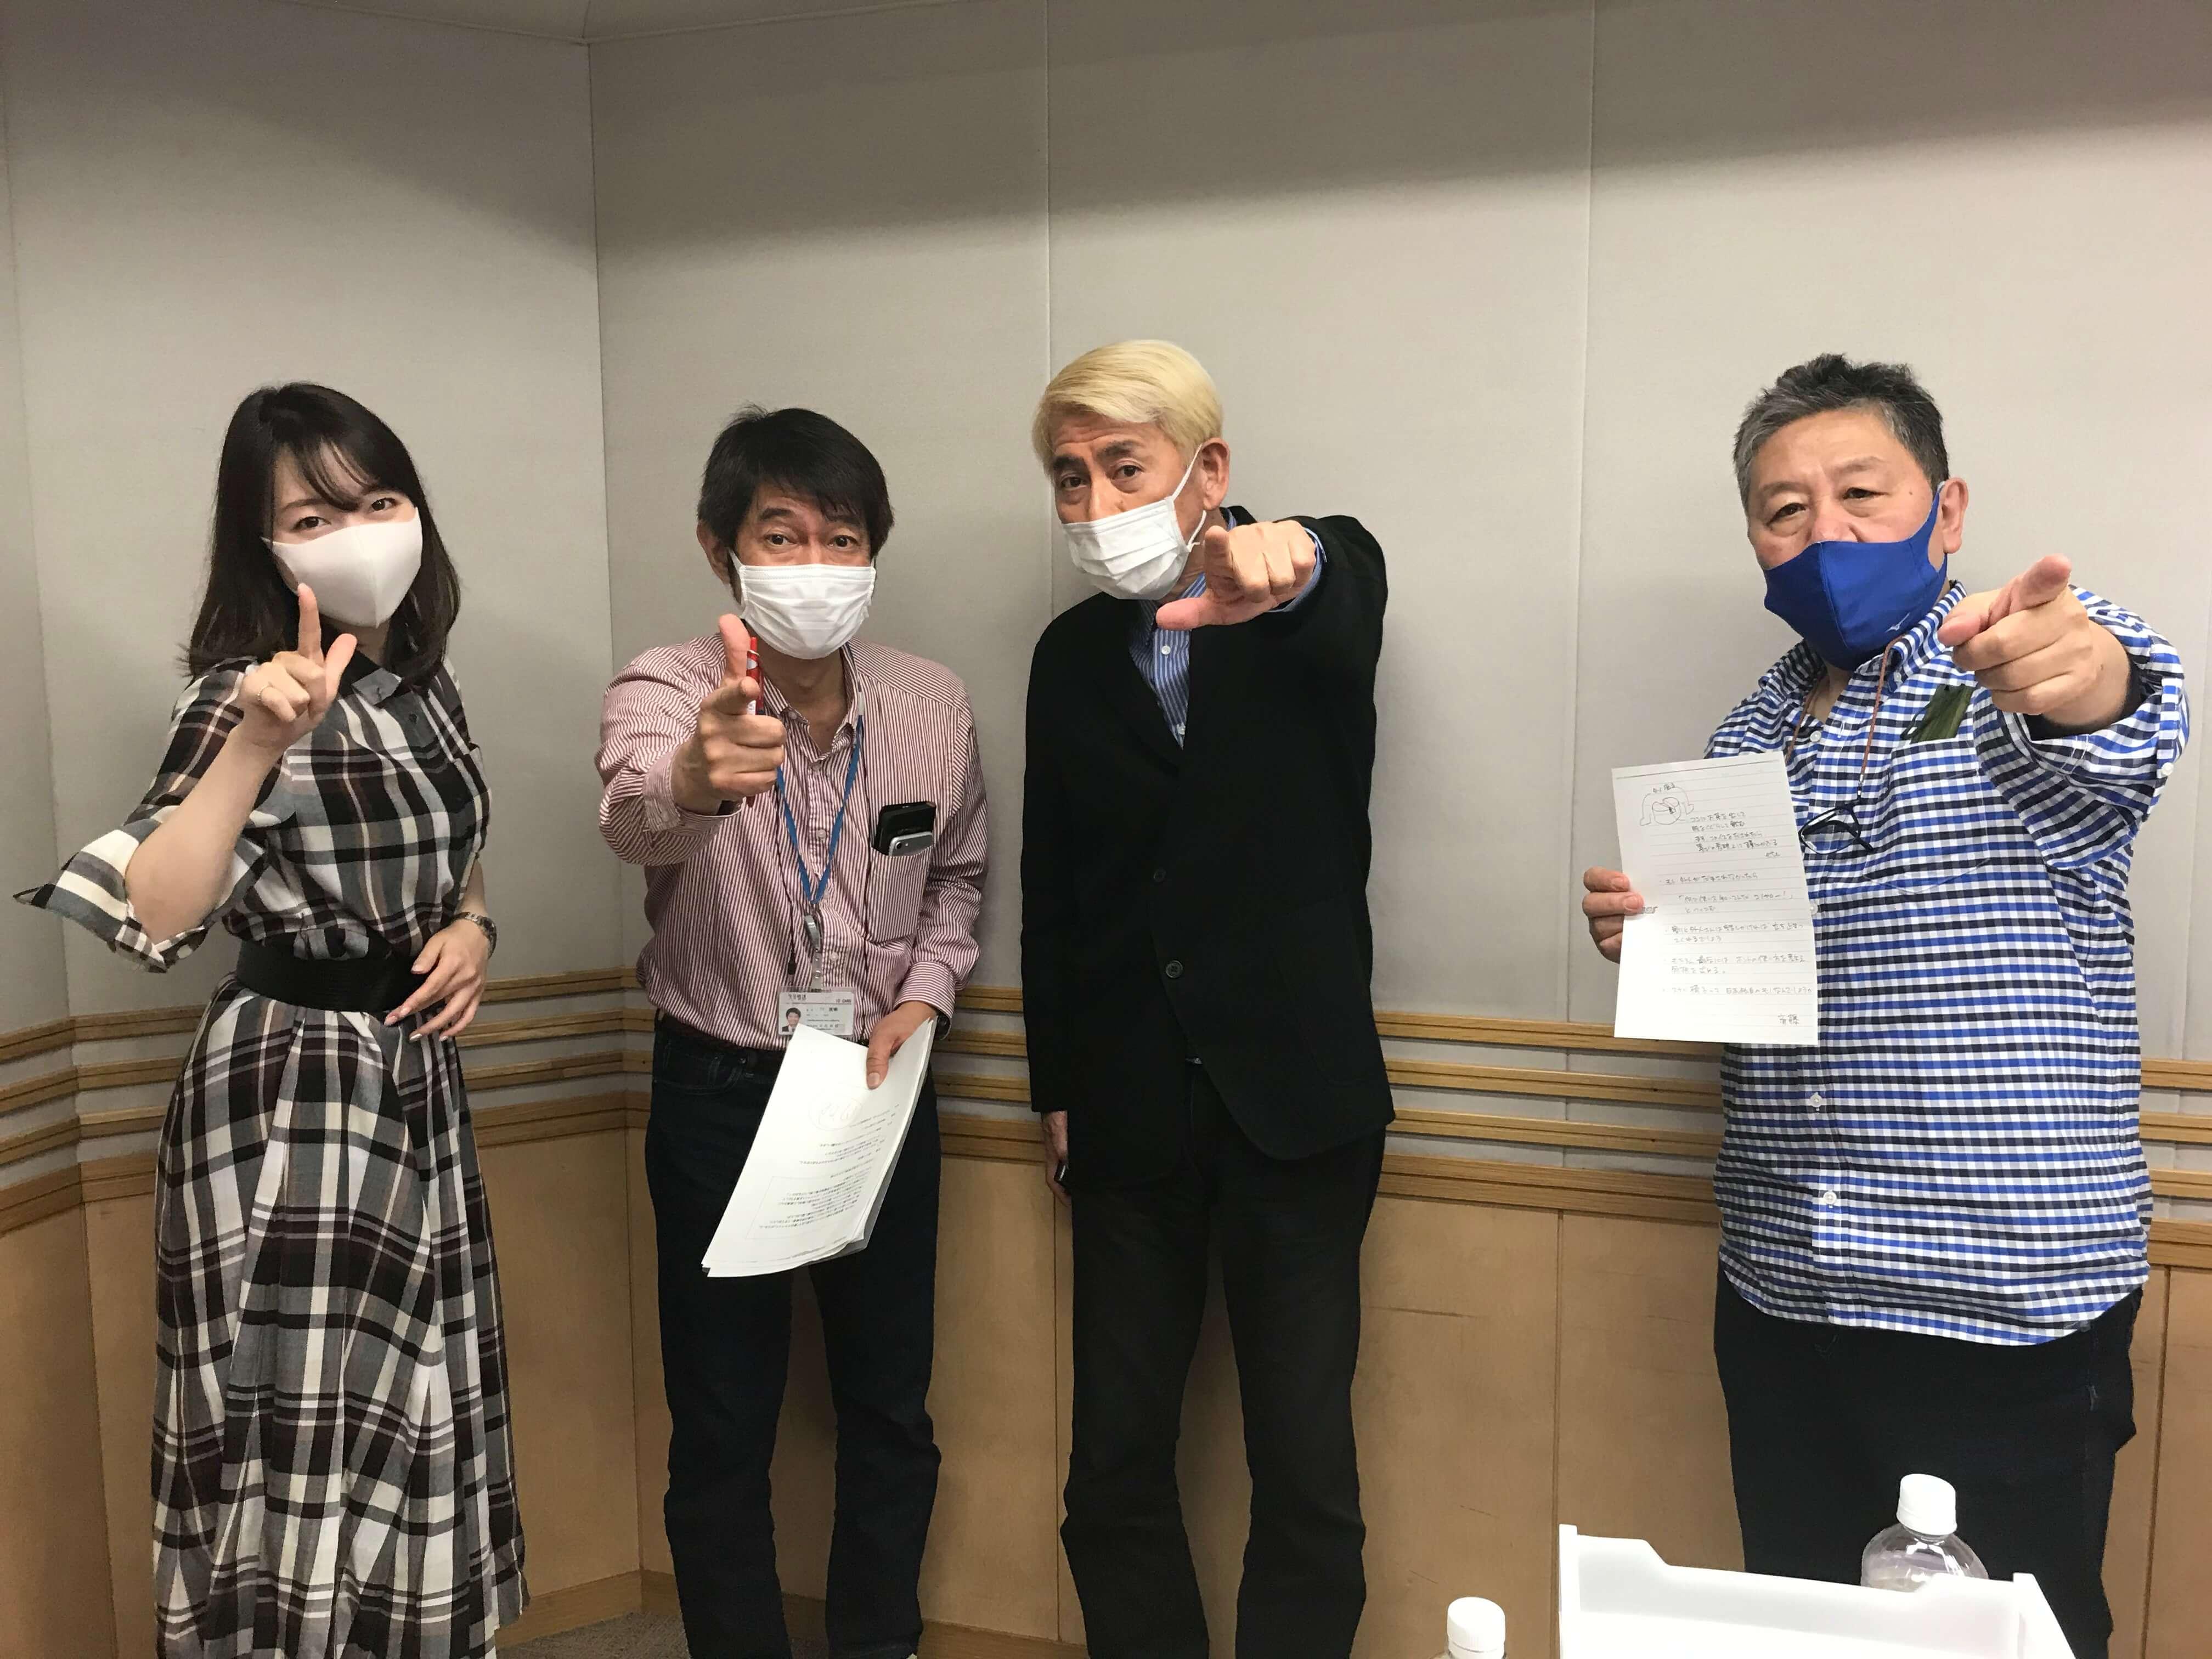 吉田照美さんの伝説の番組「やる気マンマン」復活!? ~10月19日「くにまるジャパン極」